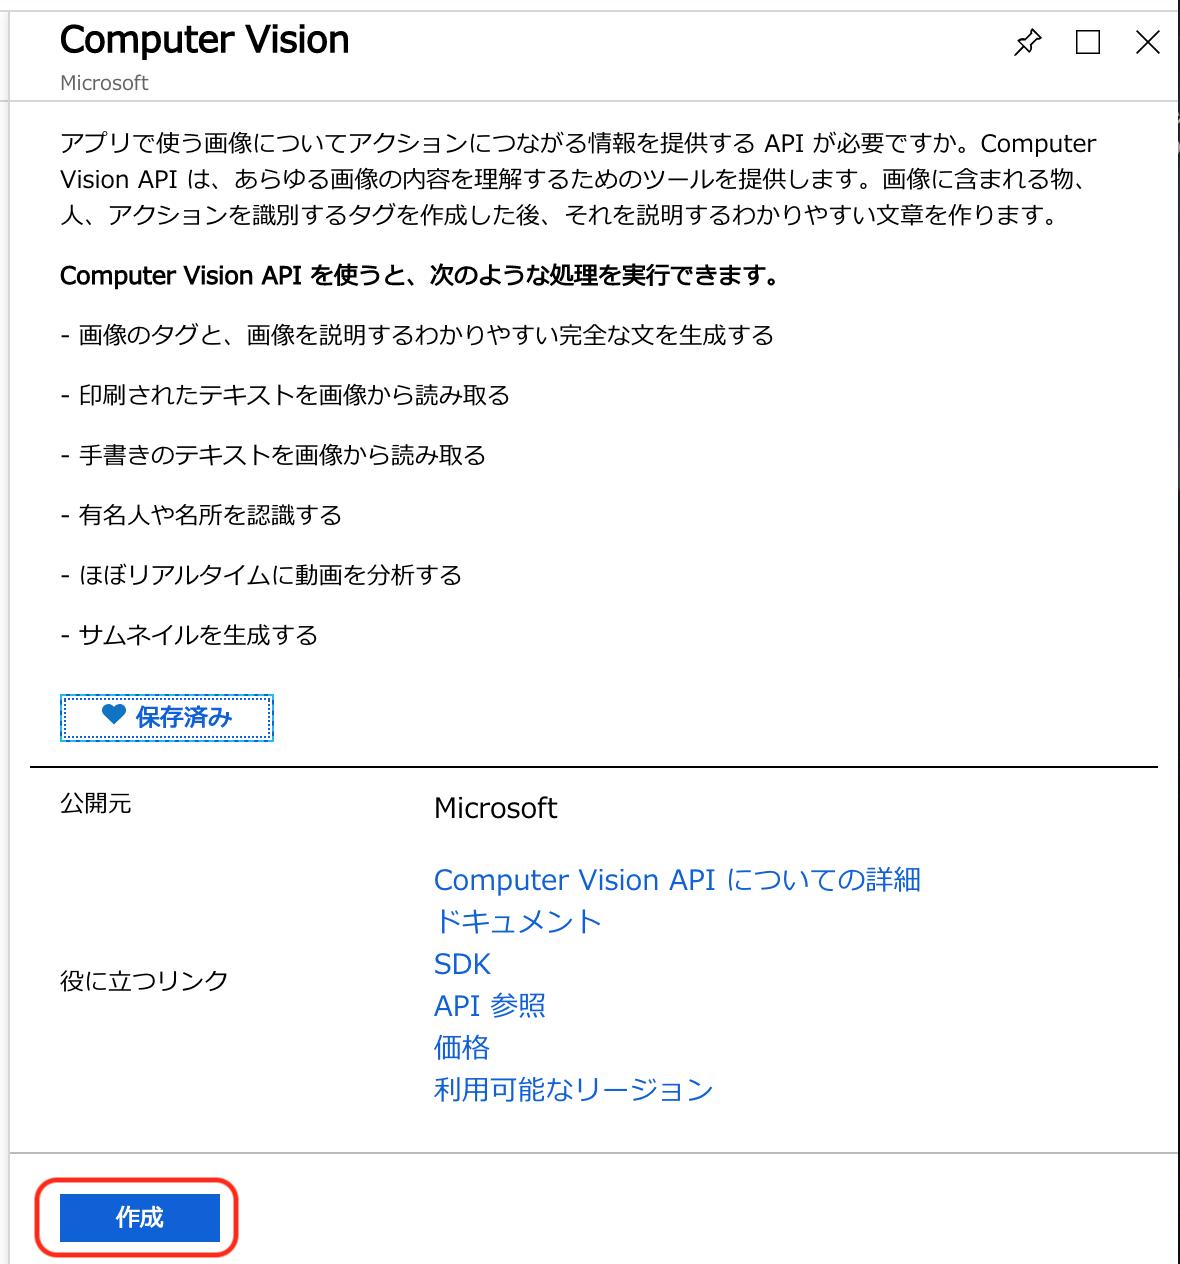 スクリーンショット 2018-12-05 2.01.02.png